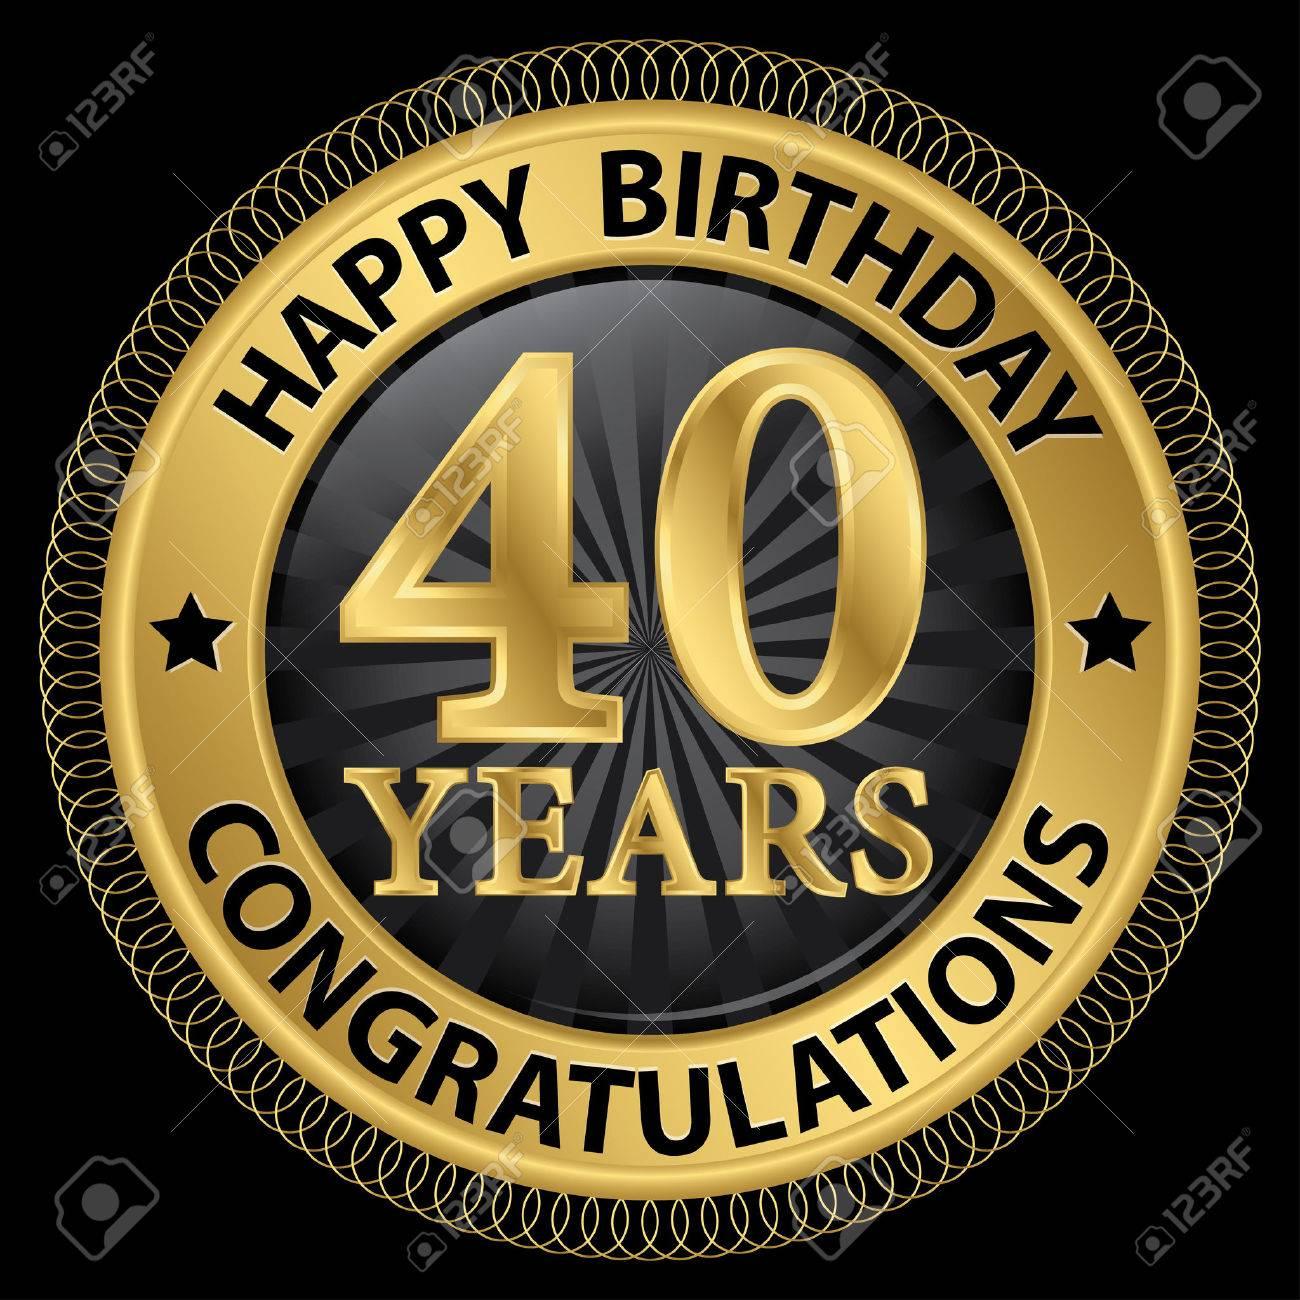 40 Años Feliz Cumpleaños Felicitaciones Etiqueta De Oro Ilustración